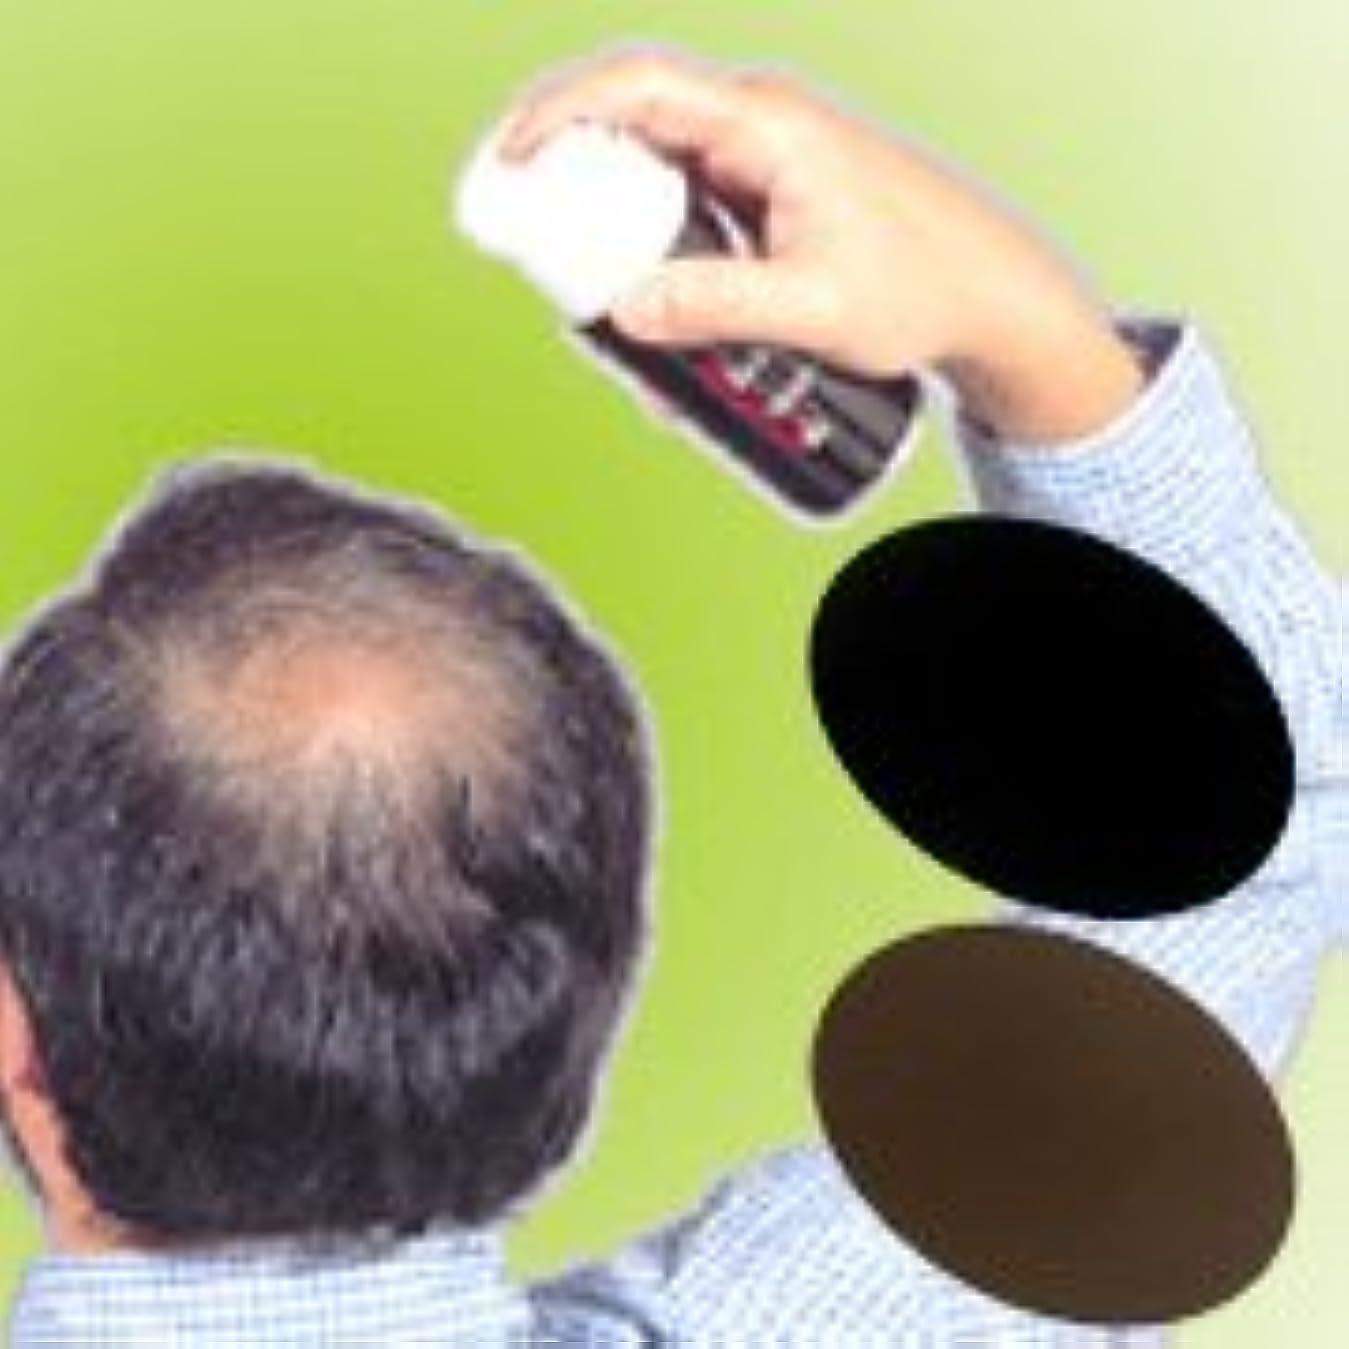 処理フェローシップ非効率的な薄毛?白髪をワンタッチで隠します! 男女兼用タイプの増毛スプレー! ! 【トミーリッチ ブラックヘアー】 (商品内訳:ブラック)